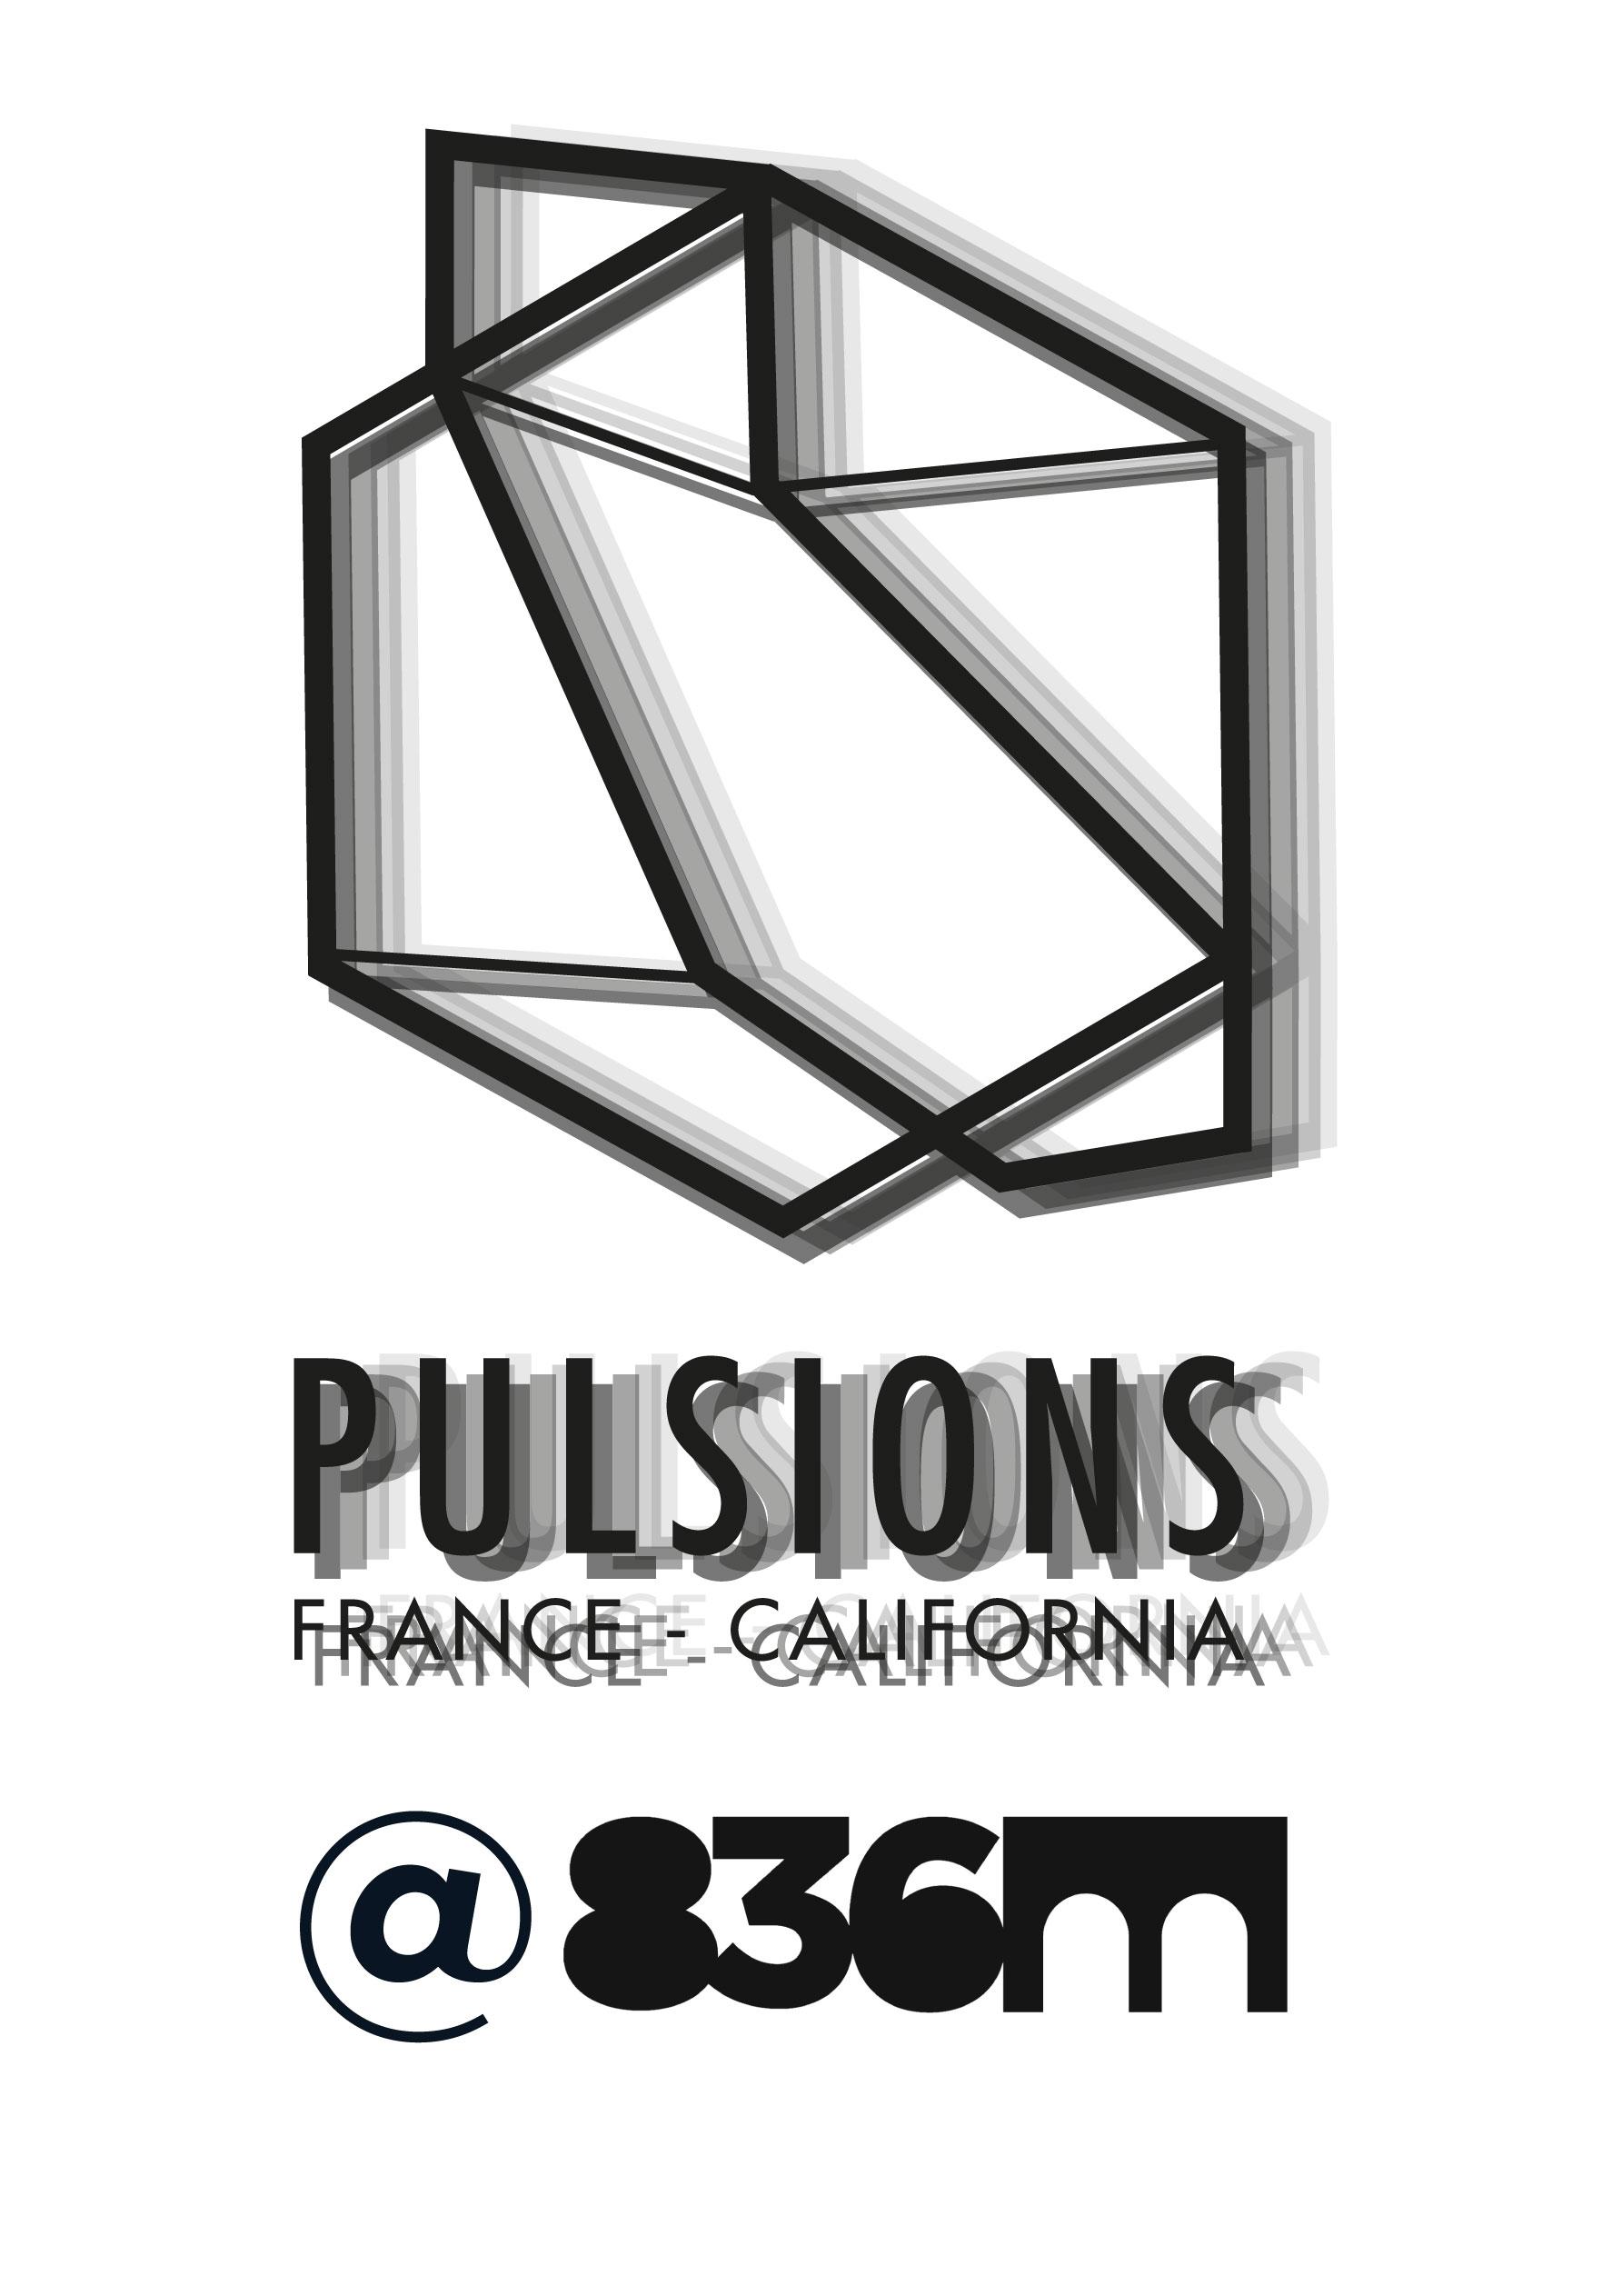 PulsionsLOGO.jpg